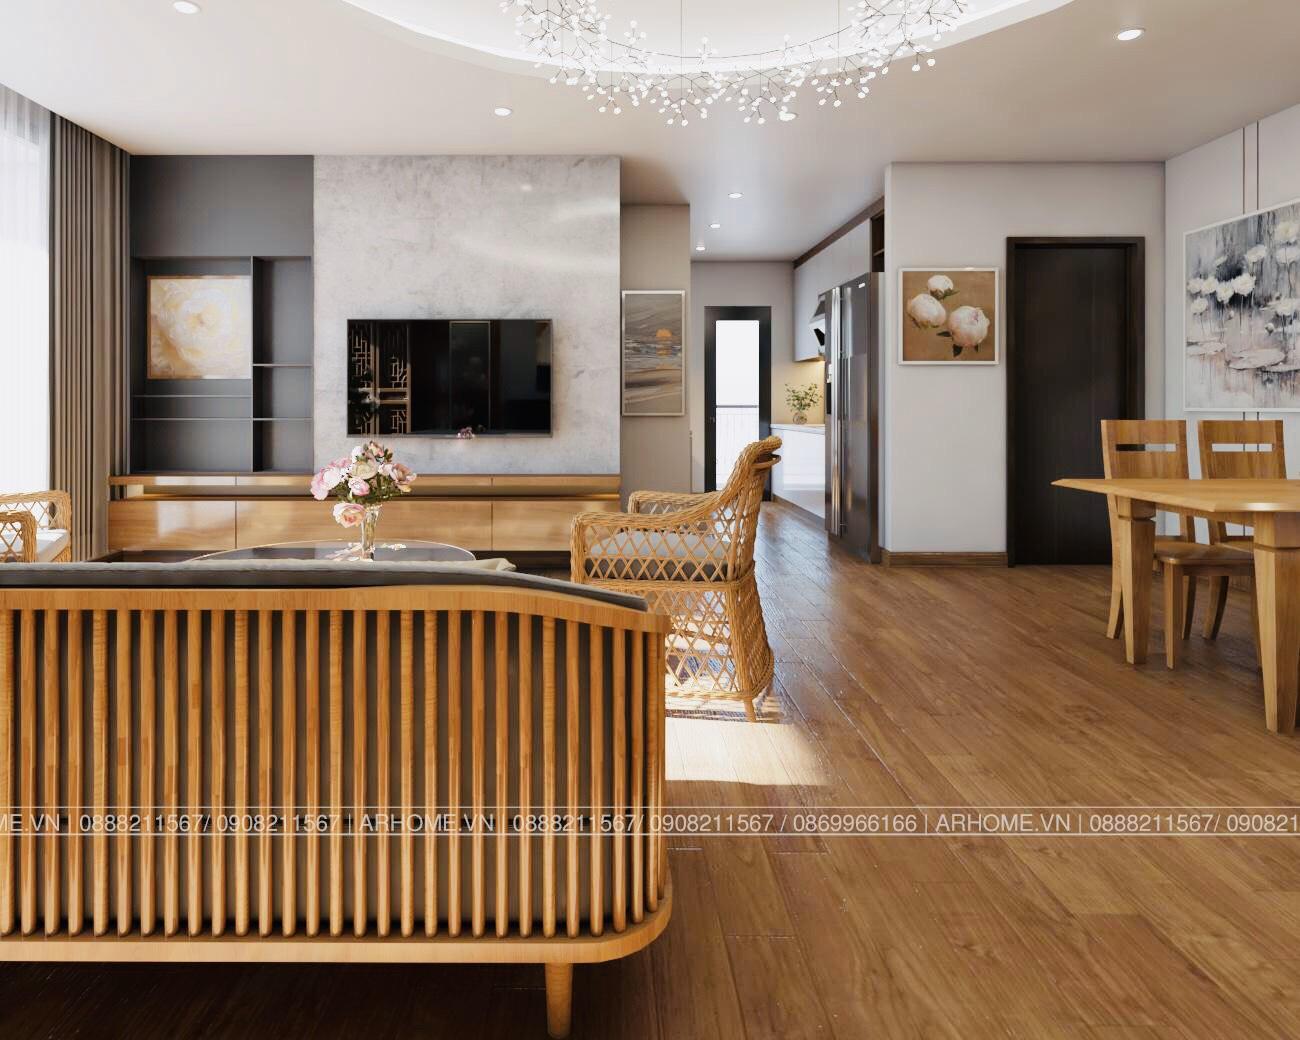 Thiết kế nội thất Chung Cư tại Hà Nội Ấn tượng khó phai với Thiết kế nội thất căn hộ Chung cư Lạc Hồng West Lake của Cô Họa sĩ 1585985648 10